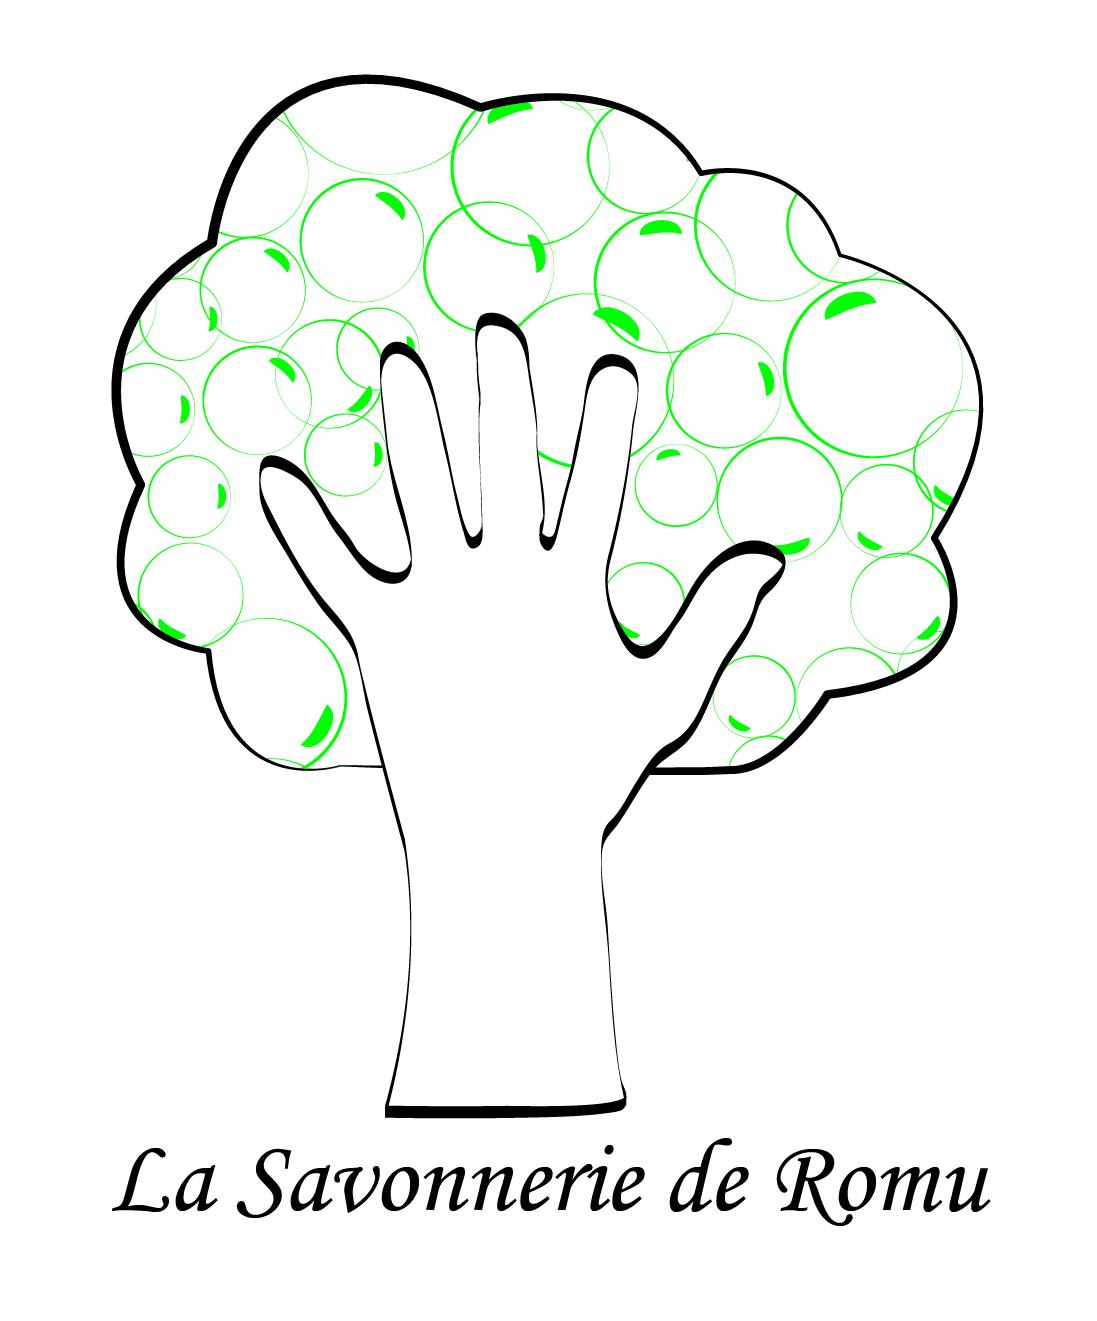 La Savonnerie de Romu